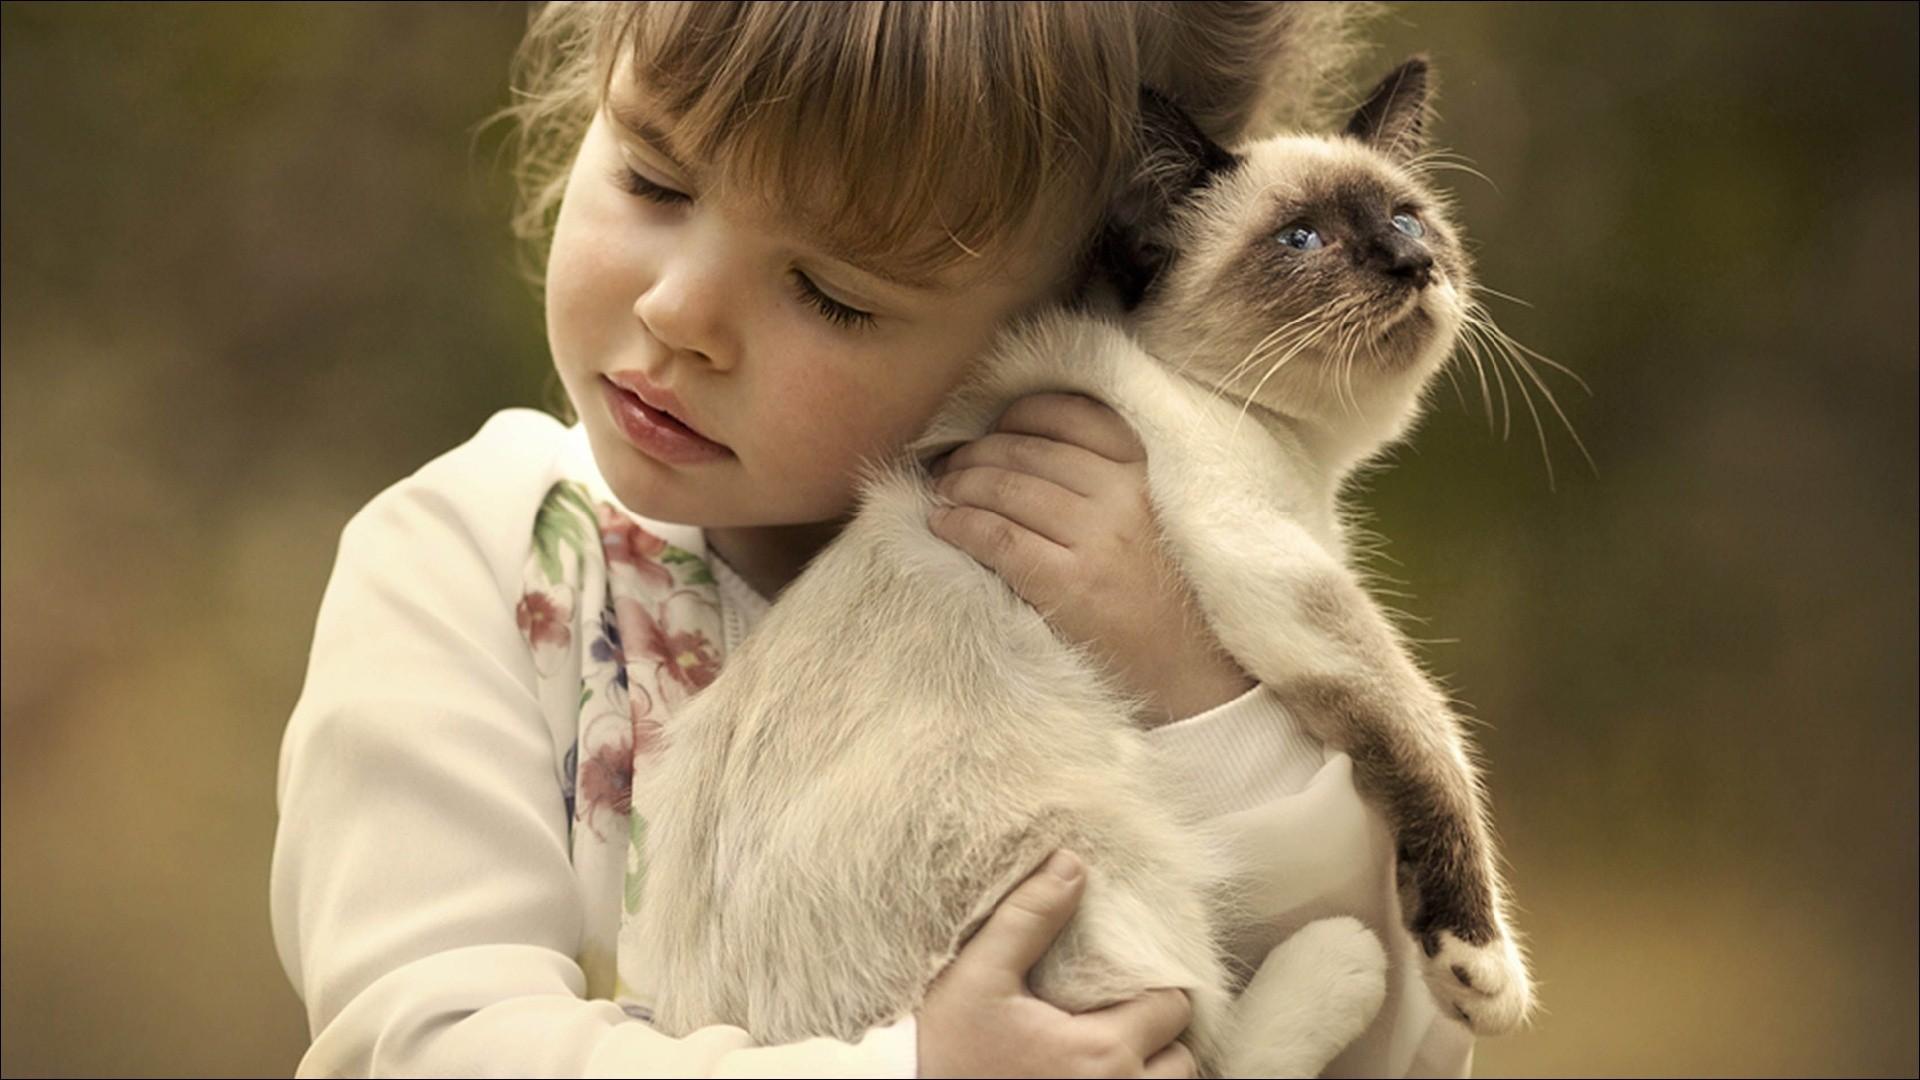 Фото ребёнка с котёнком